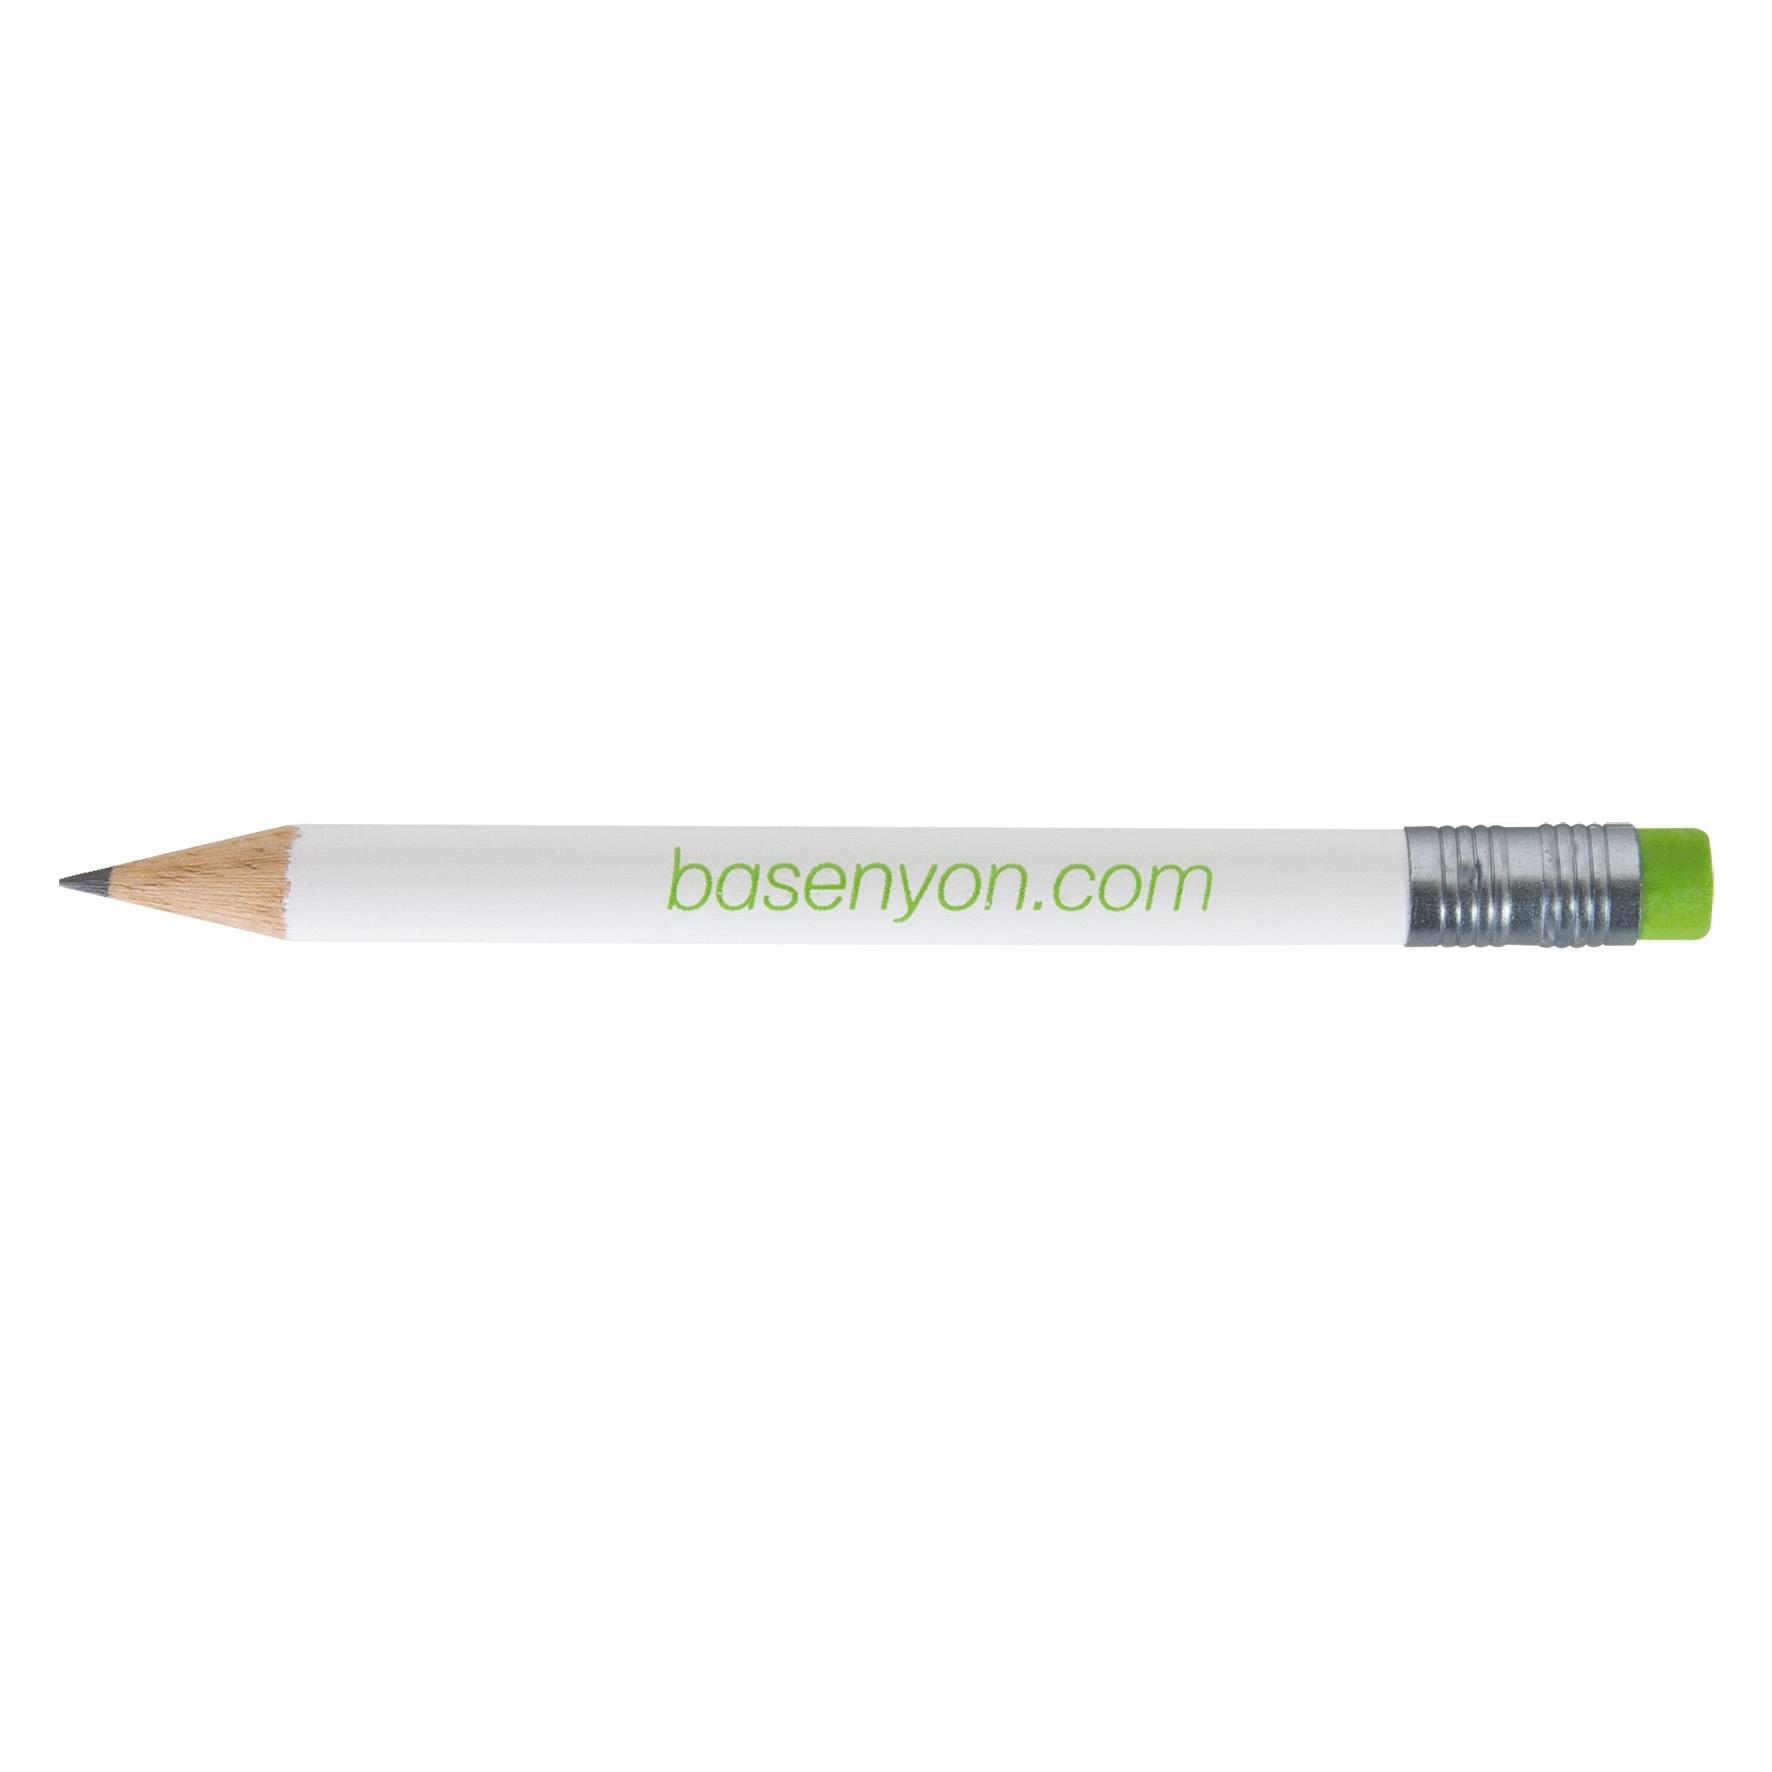 goodies entreprise personnalisé - mini crayon à papier personnalisé écolo Pantone gomme Luis